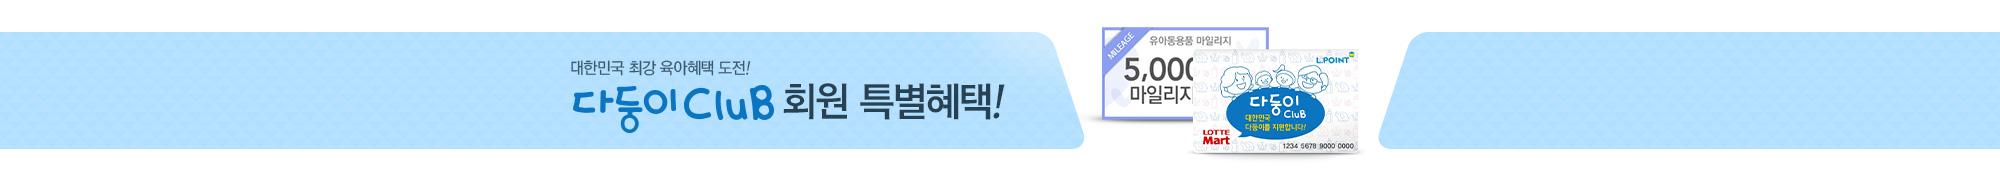 다둥이 Club 회원 특별혜택!